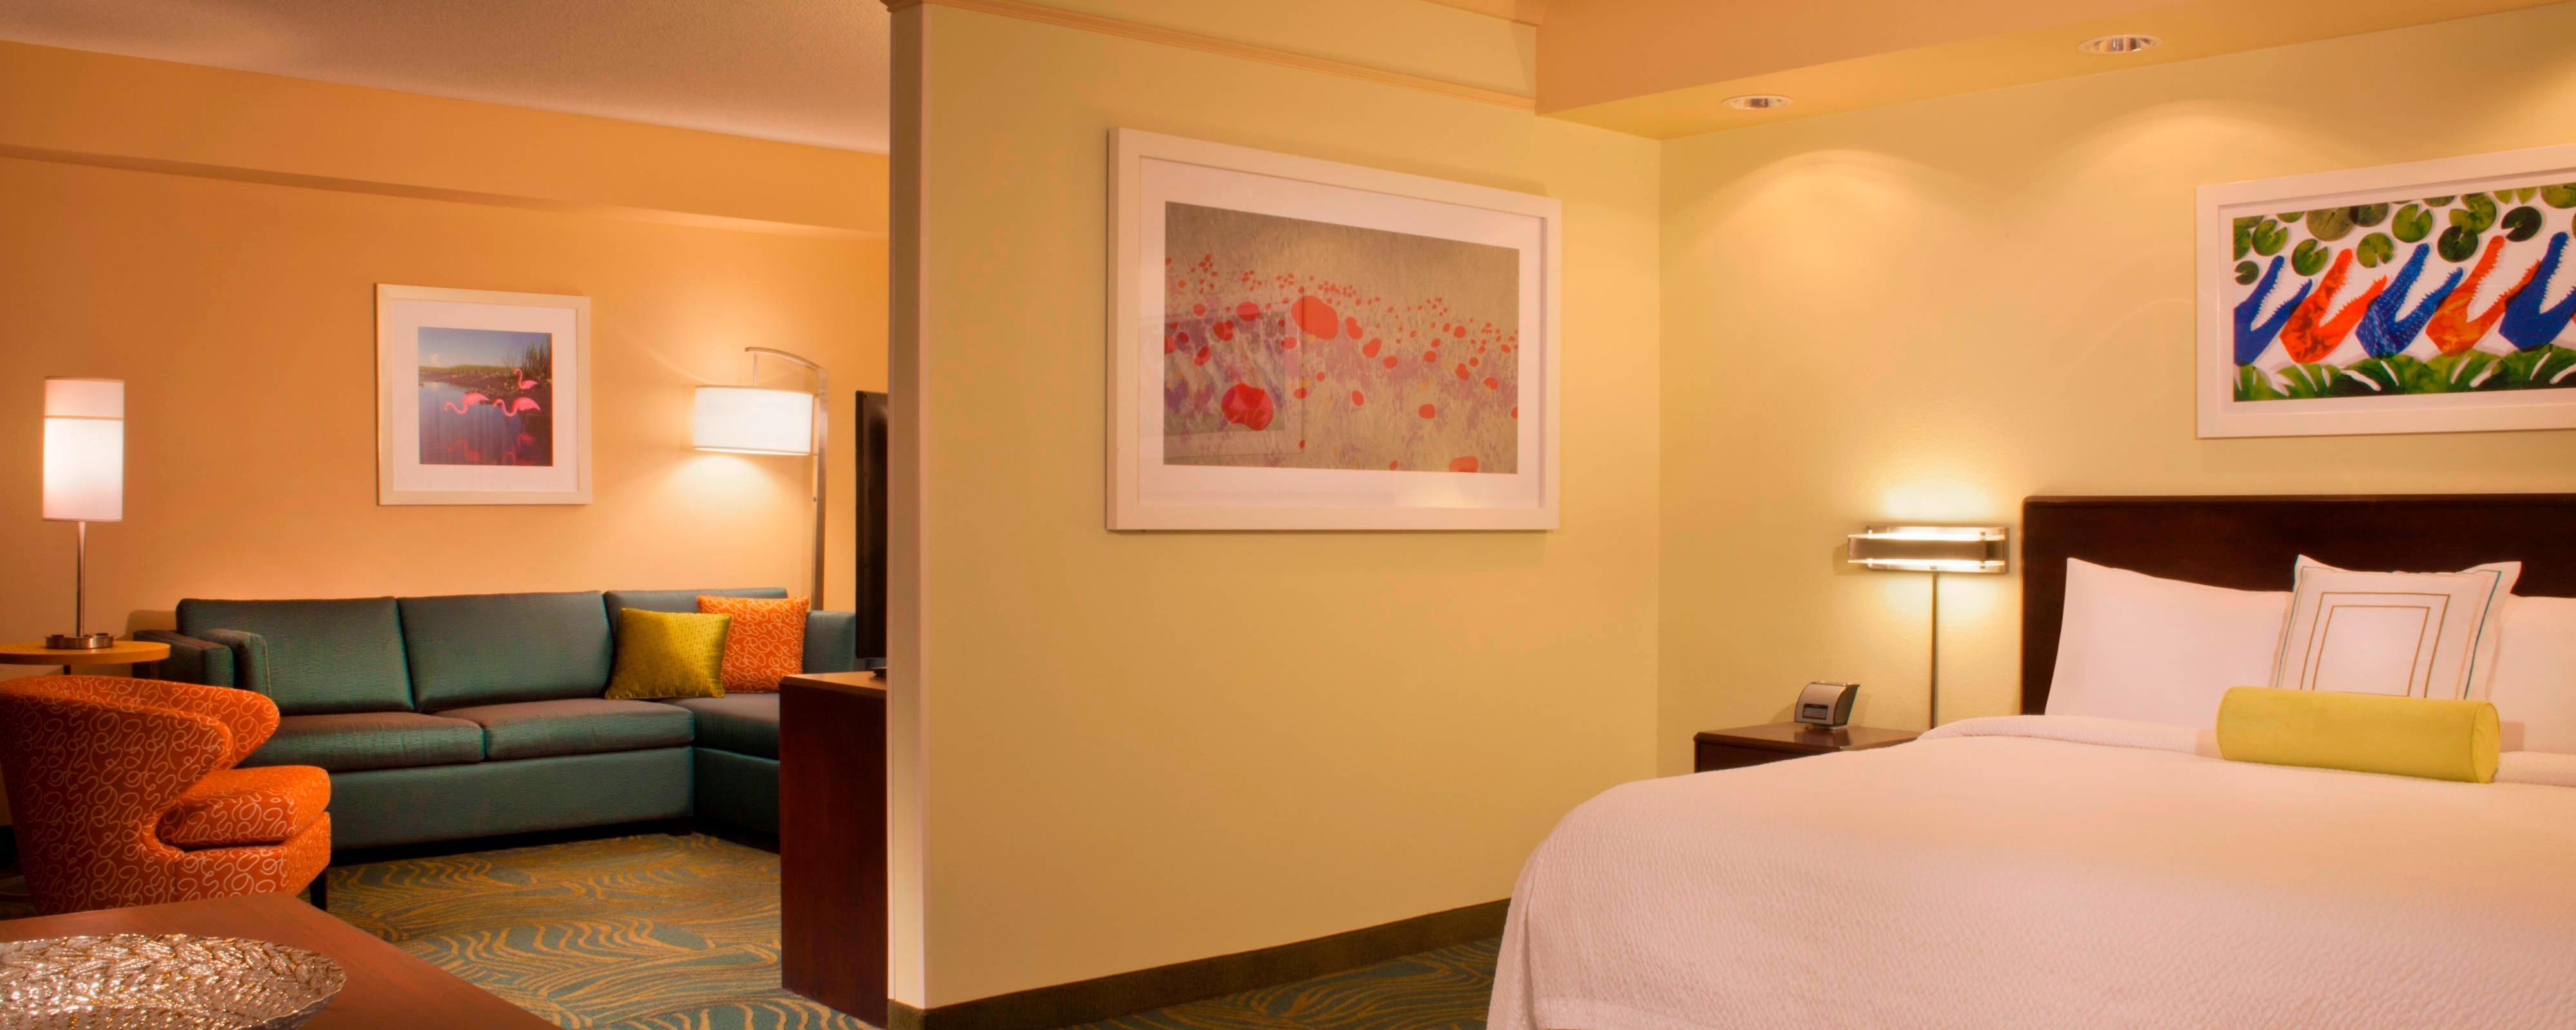 Hotel Gainesville FL